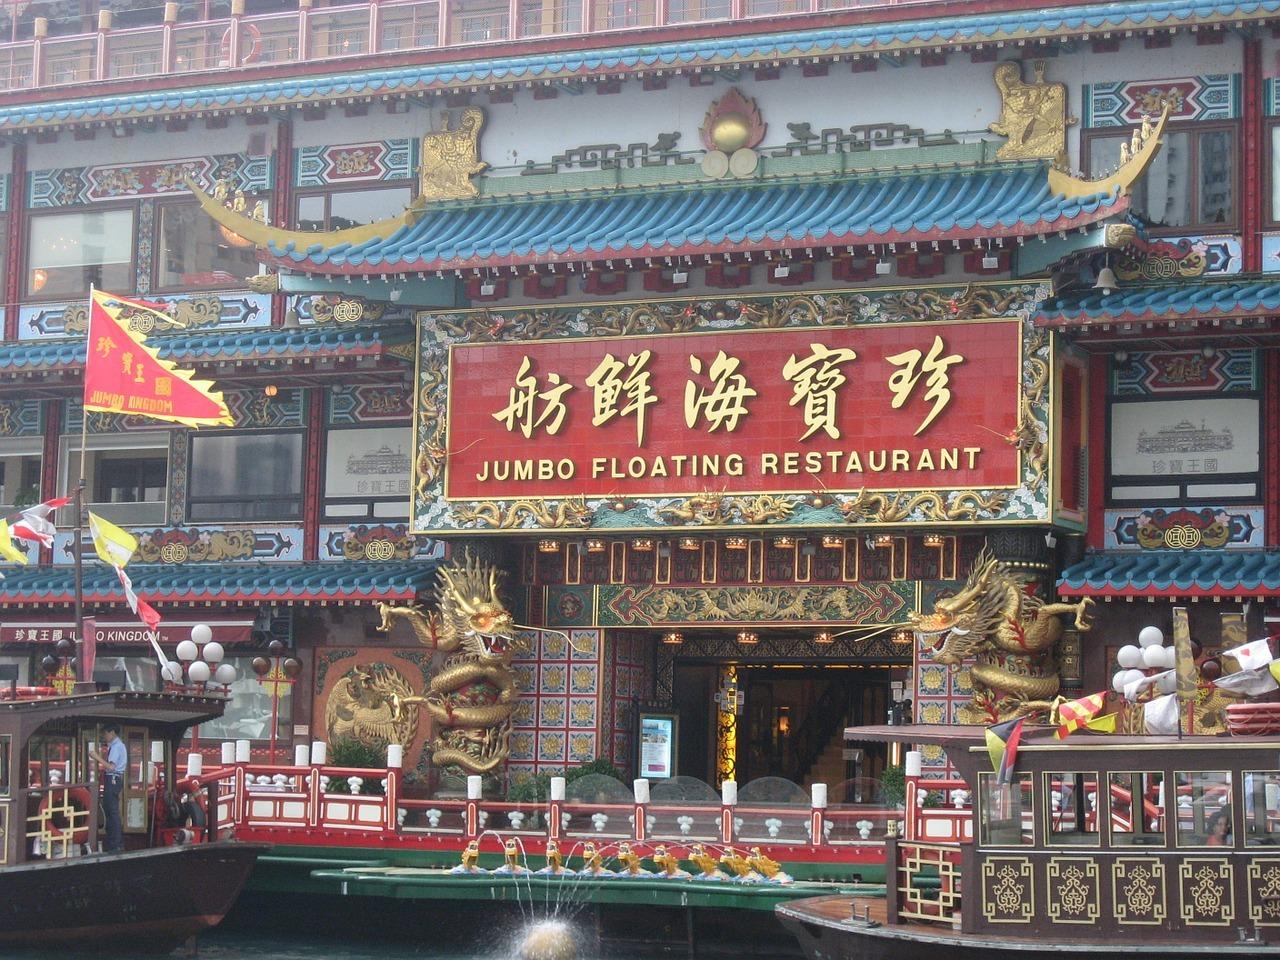 restaurante-chino-01